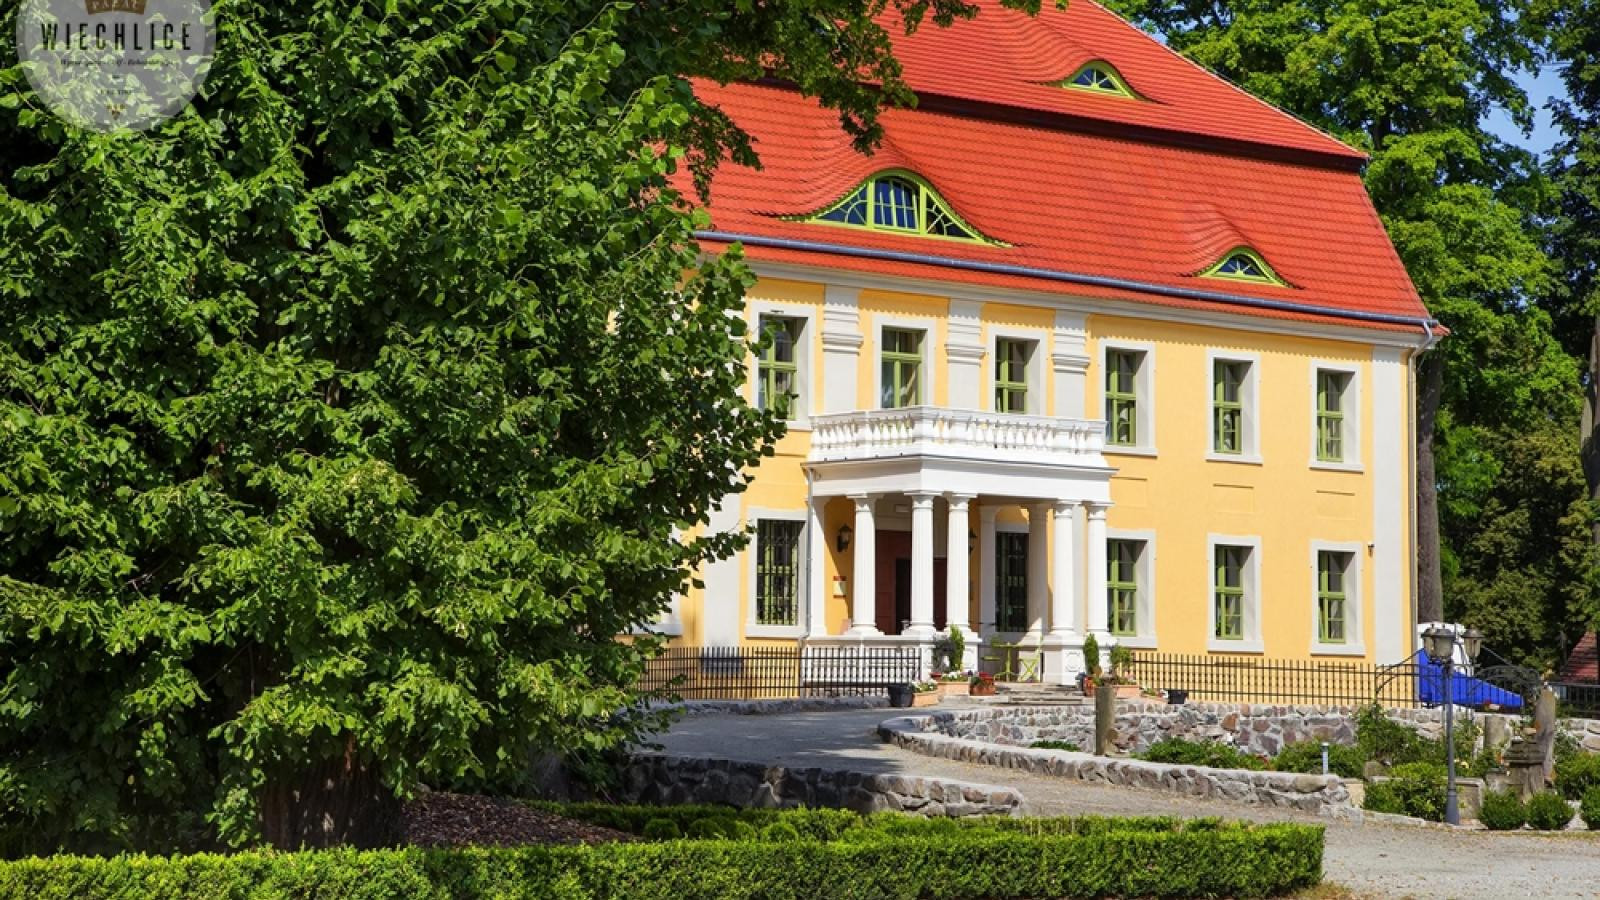 Lubuskie Centrum Winiarstwa - Hotel Pałac Wiechlice